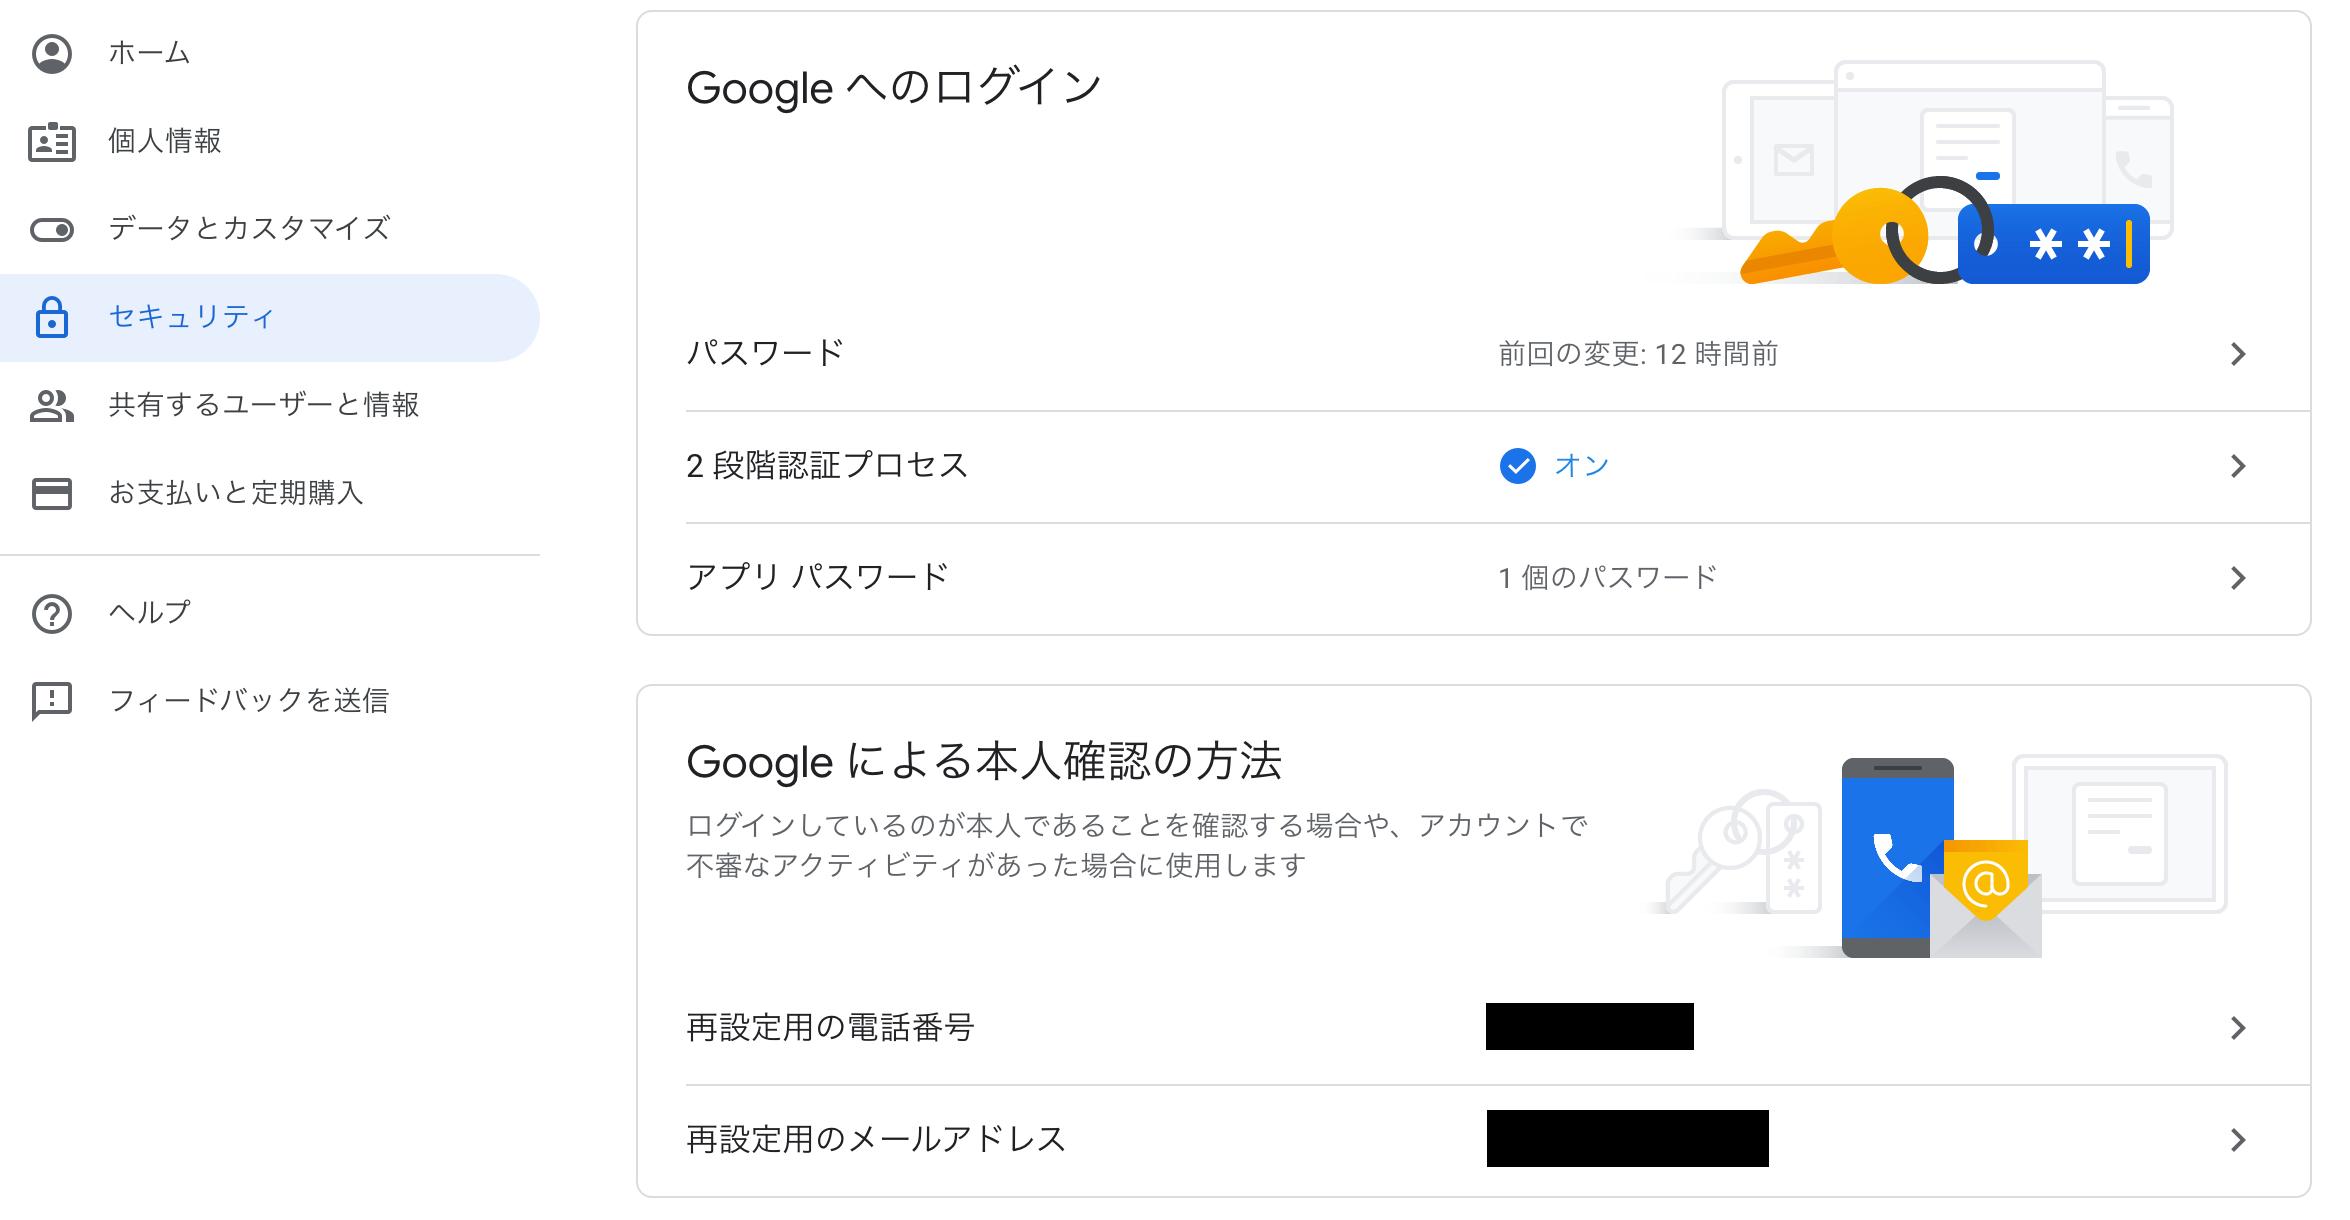 リンク され て いる google アカウント の 重大 な セキュリティ 通知